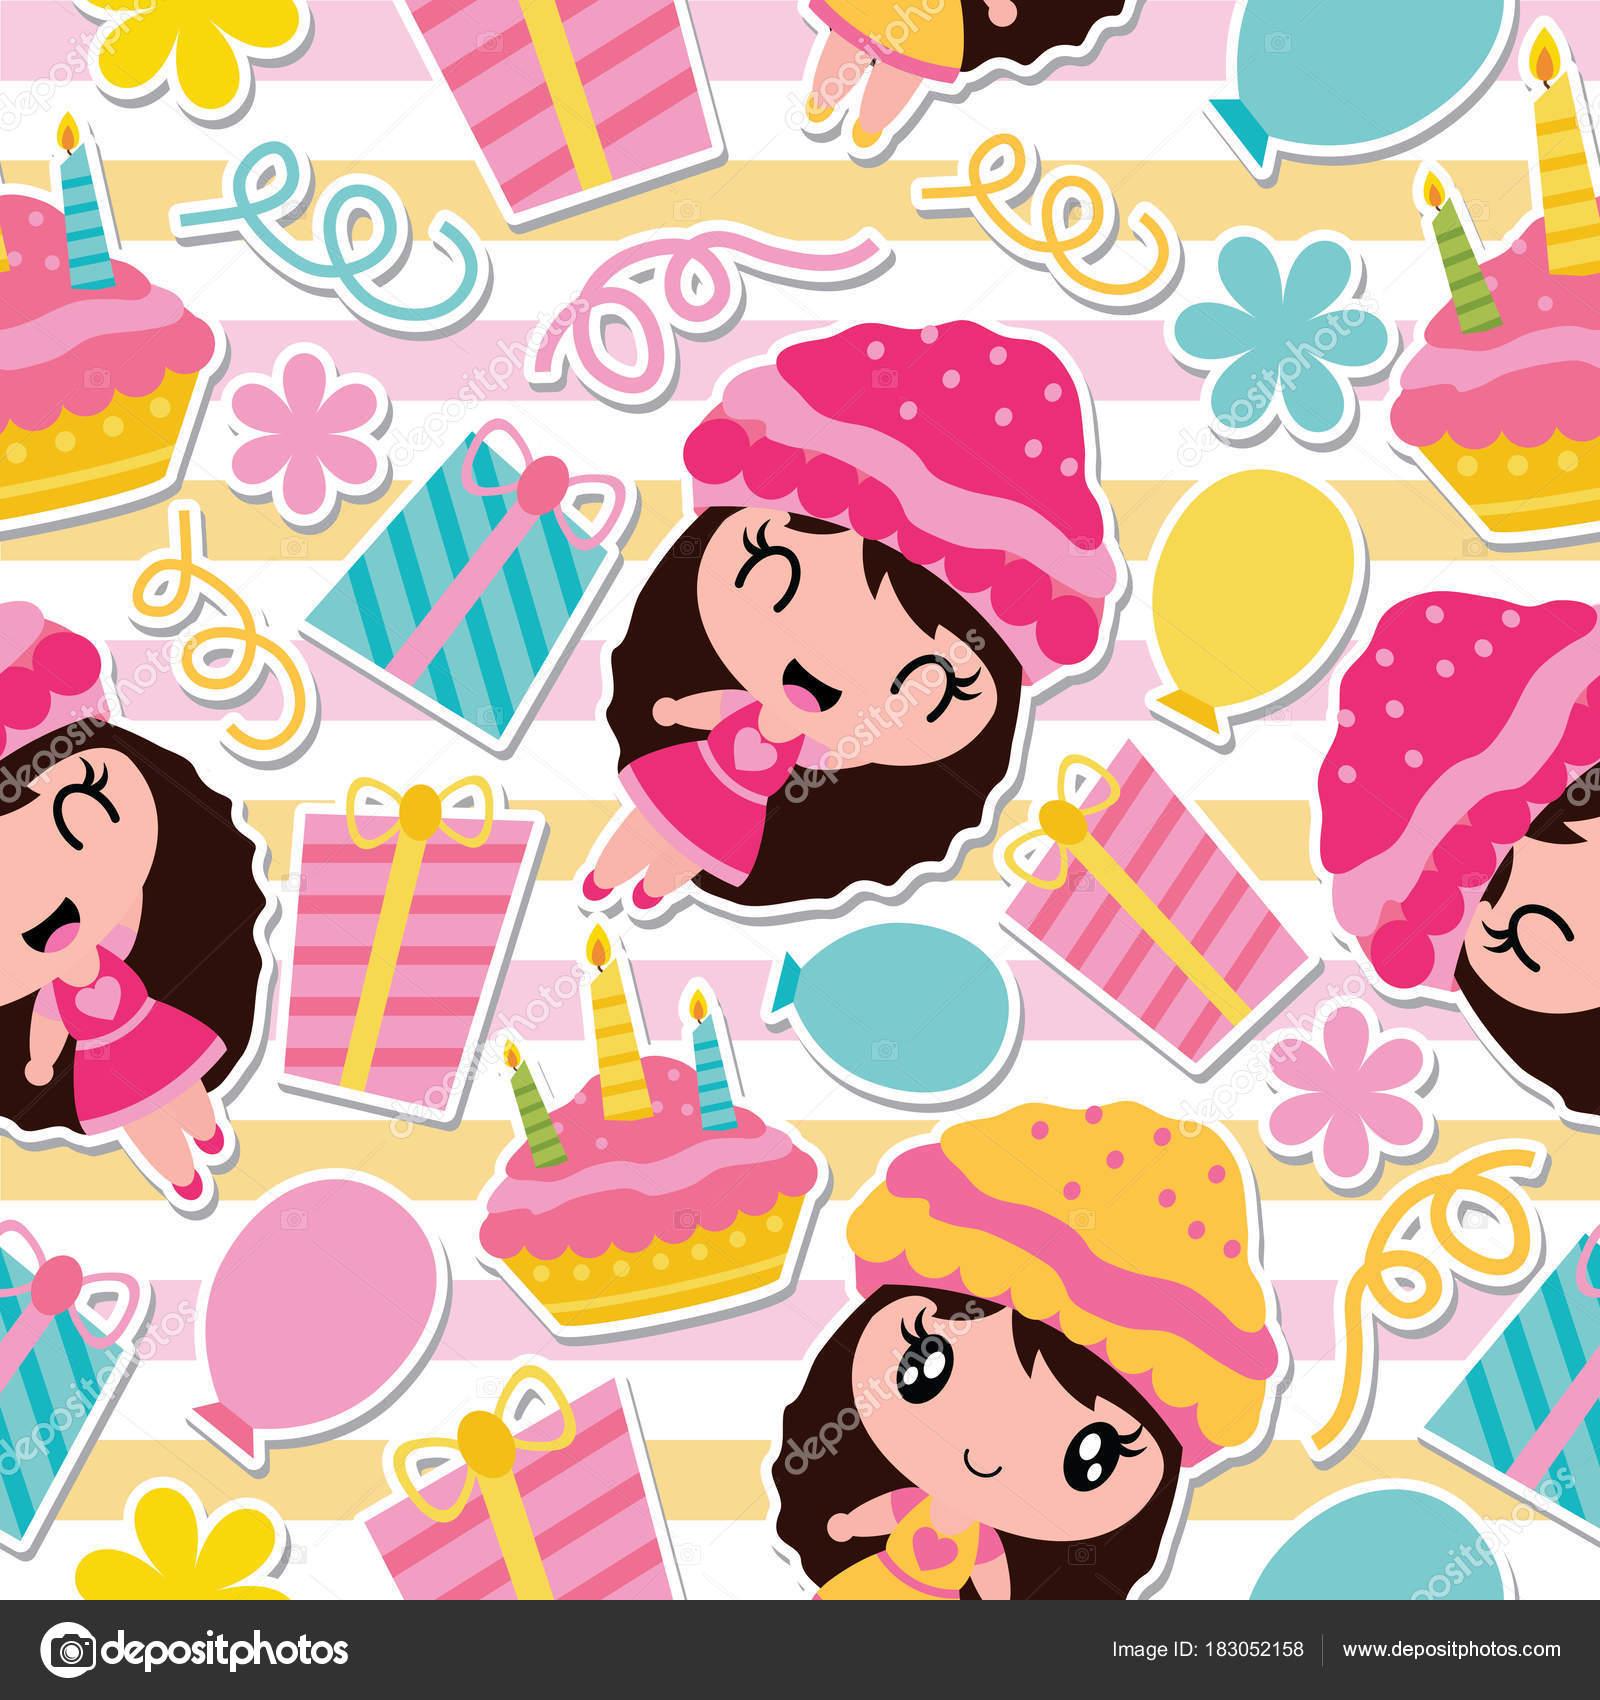 かわいい女の子 バースデー ケーキ ギフト包装紙 子供の布の服 壁紙の